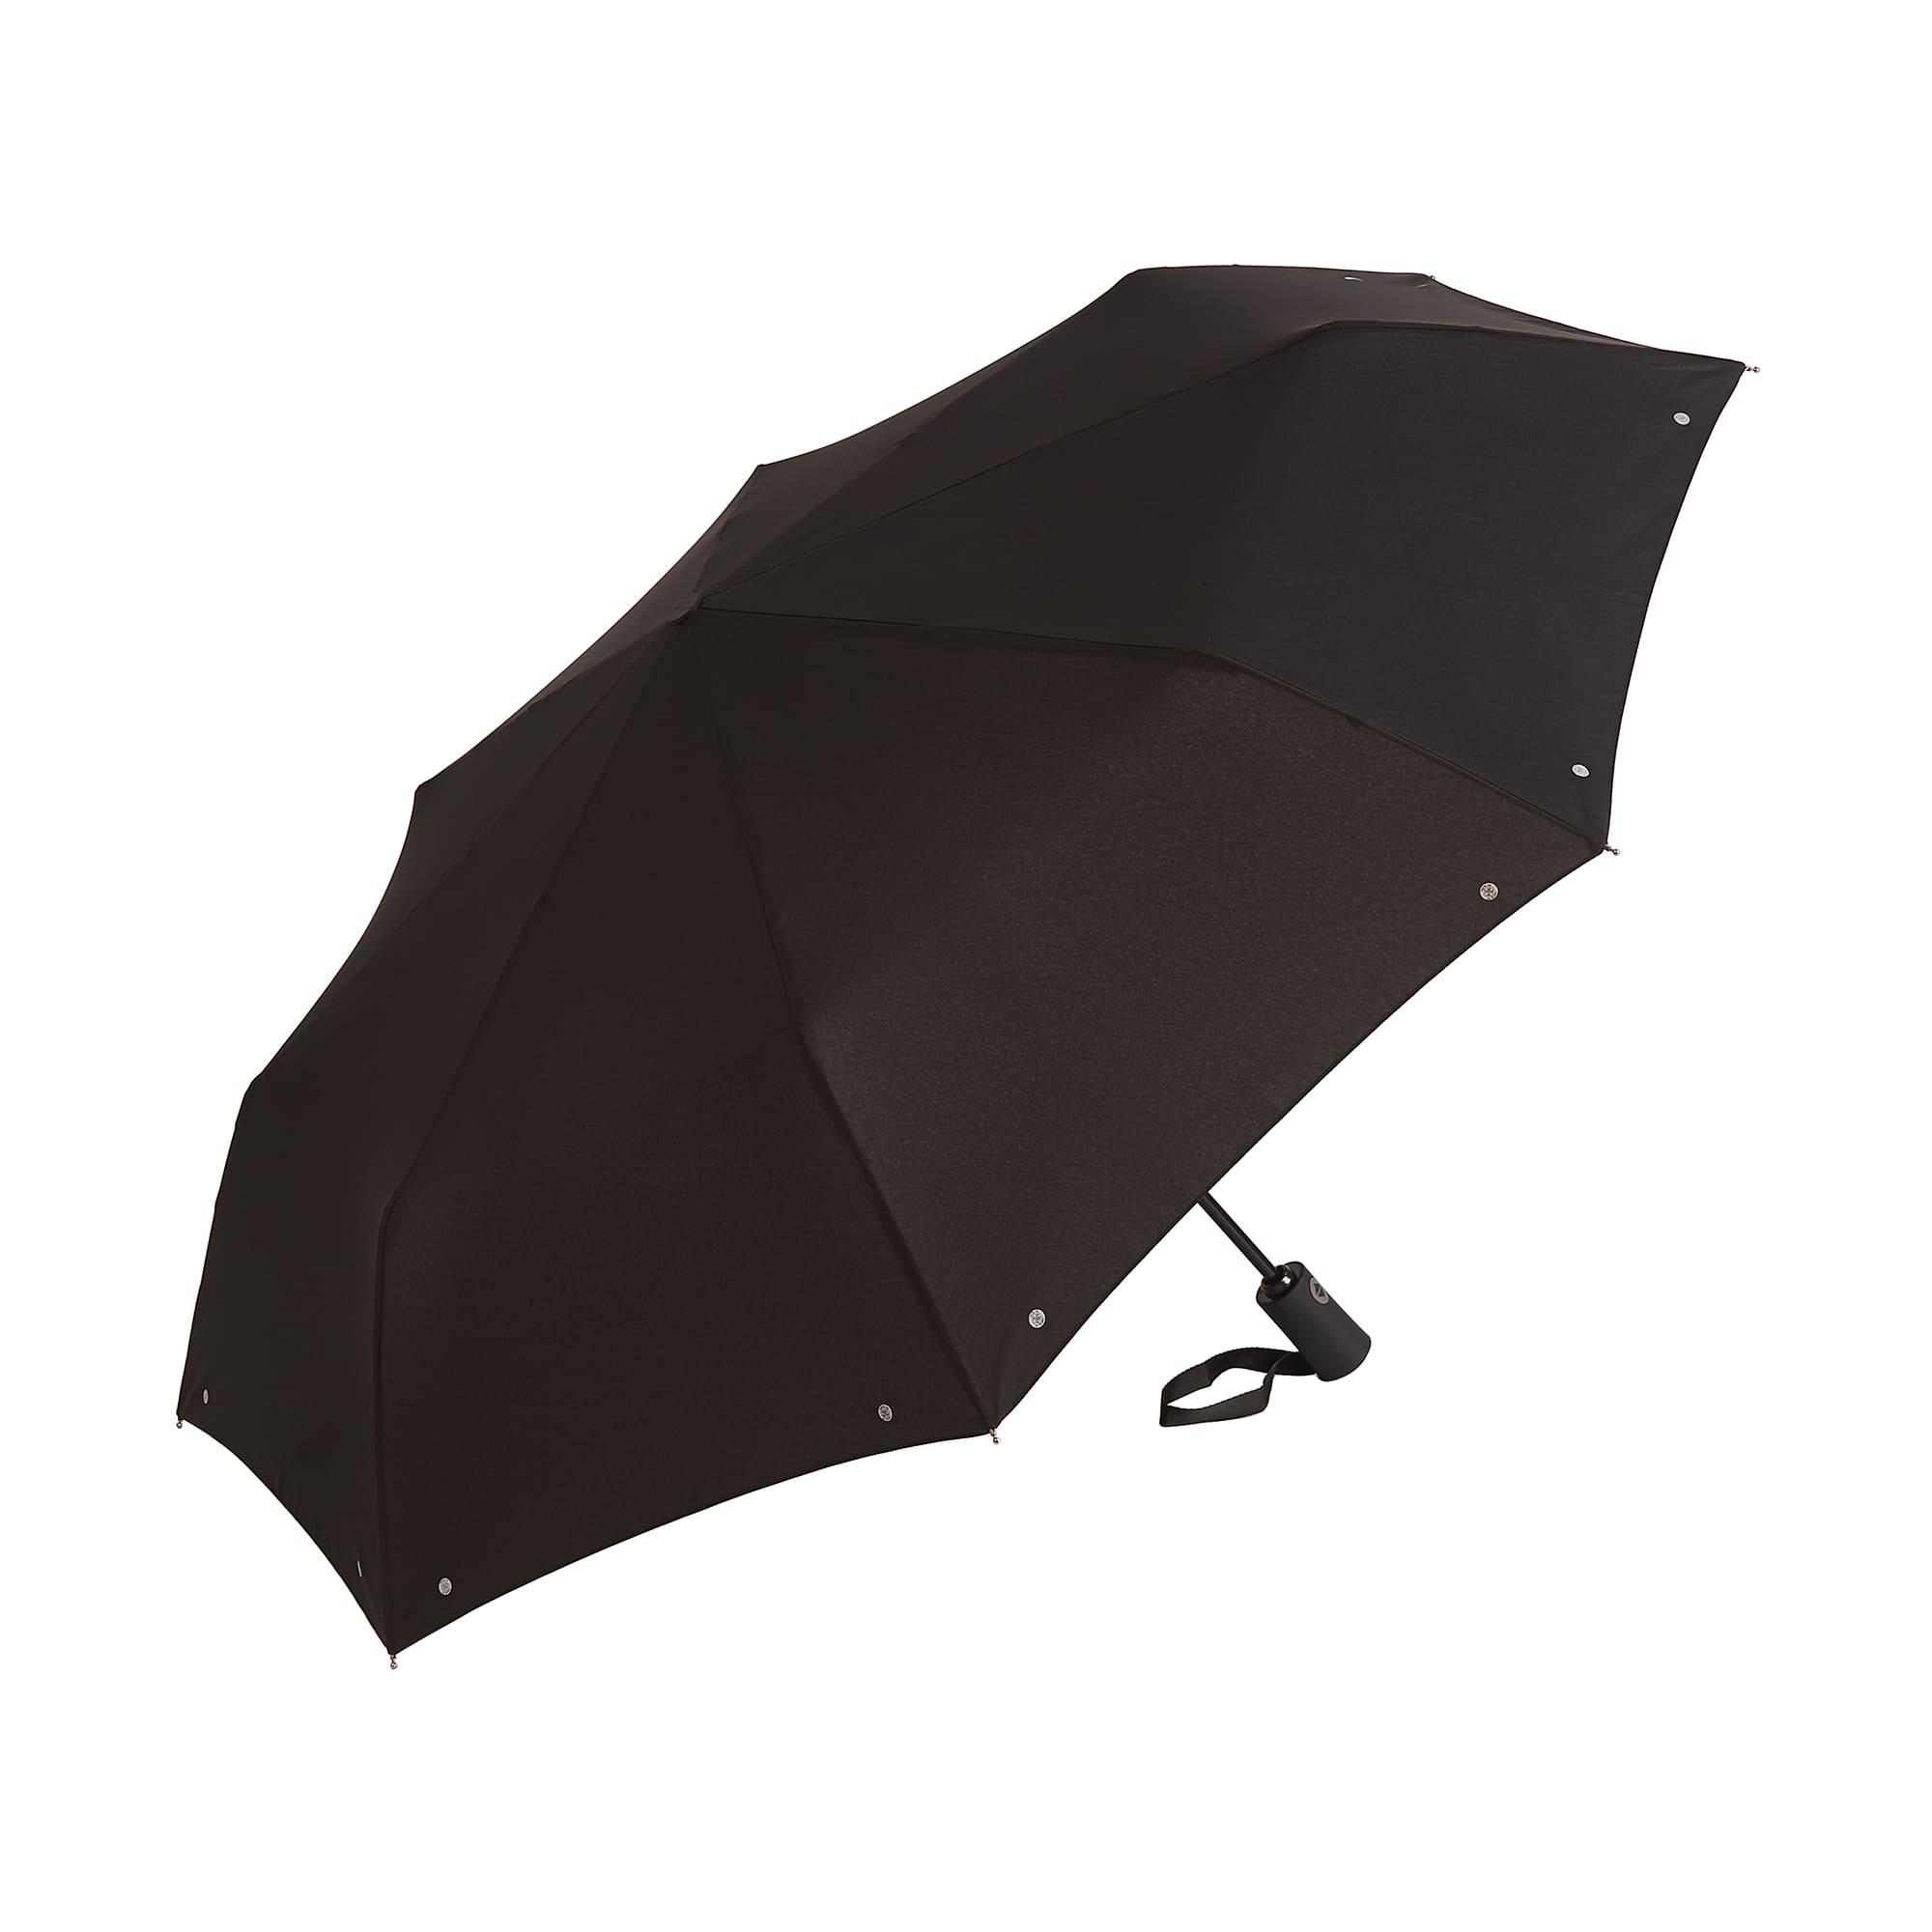 Зонт складной мужской автоматический Dr.Koffer E422 черный